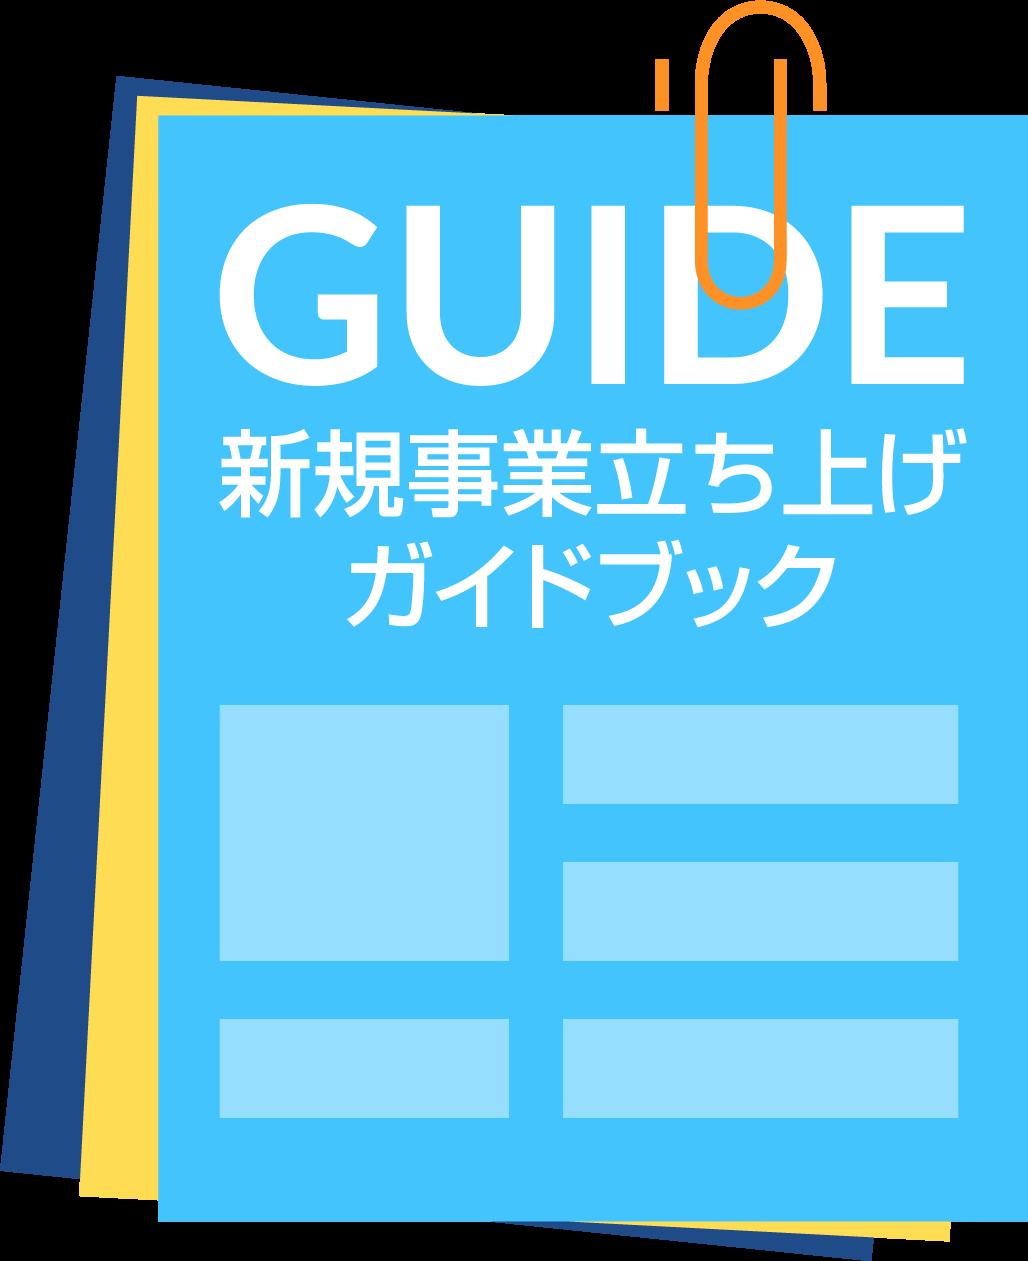 新規事業立ち上げガイドブック